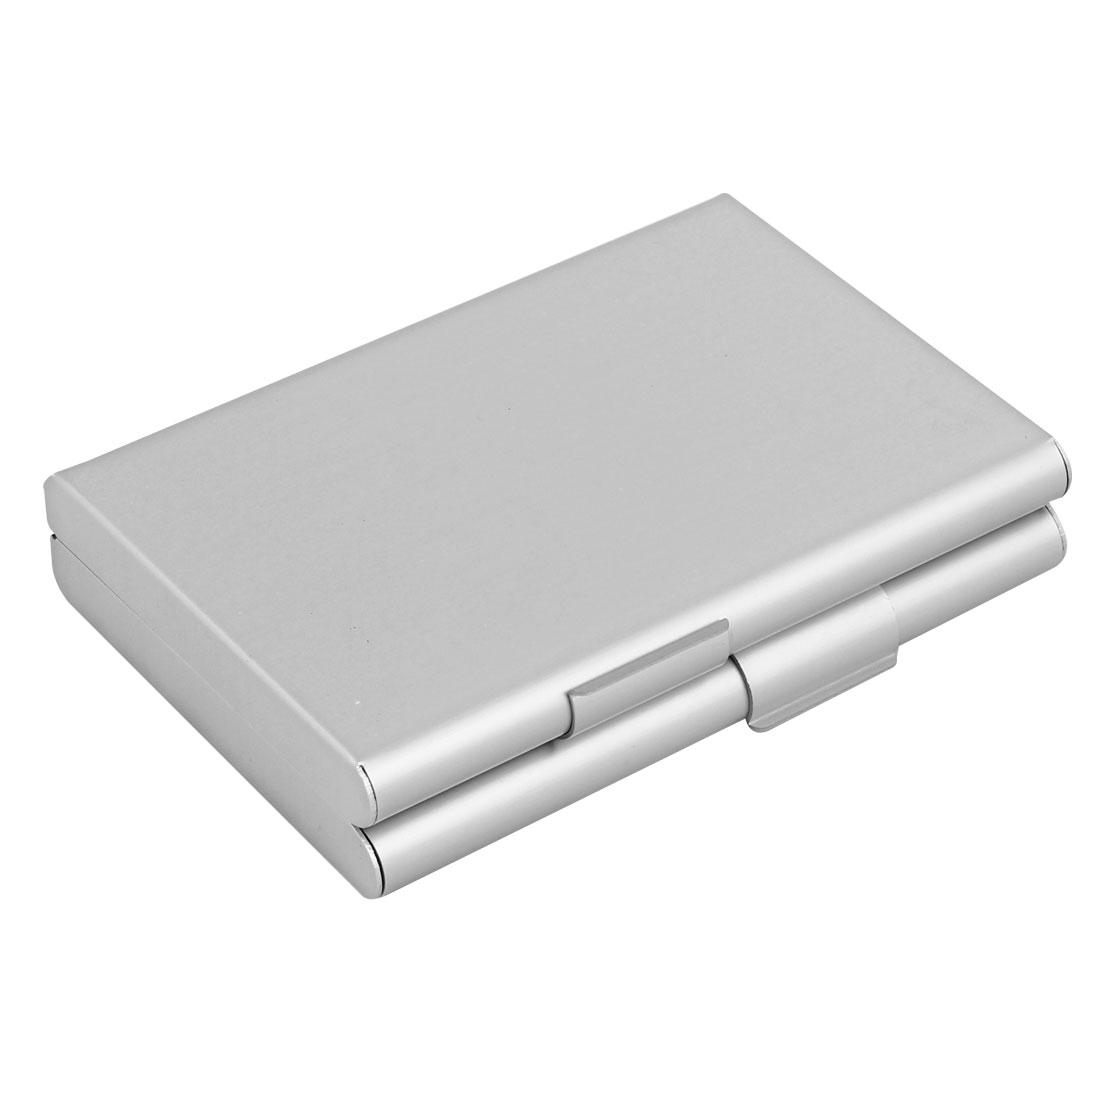 Silver Tone Aluminum 2 Compartments Cigarette Cigar Case Box Holder